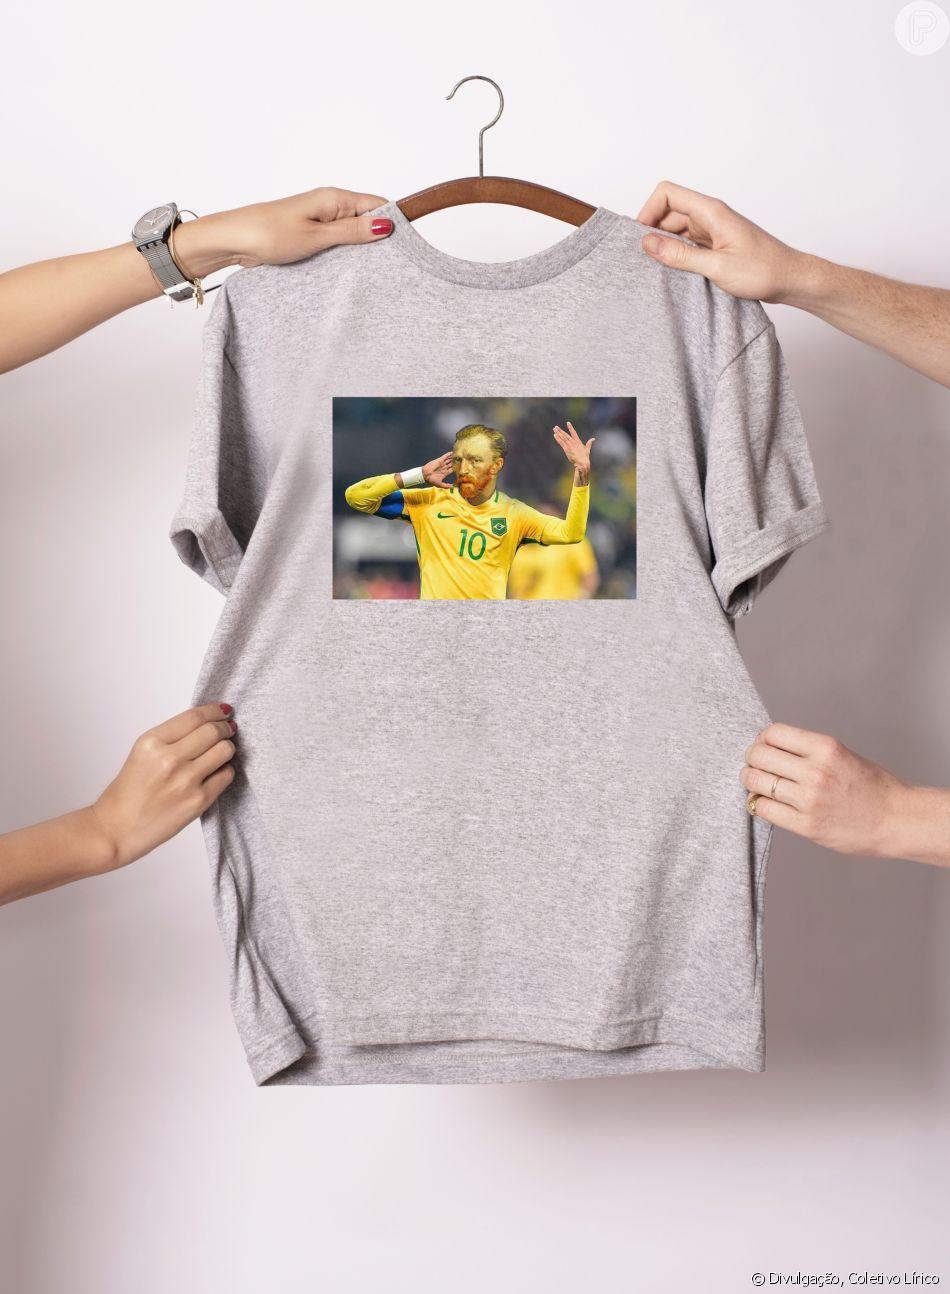 122913a40f Camisetas criativas e divertidas são a marca registrada da Coletivo Lírico.  Para os jogos da